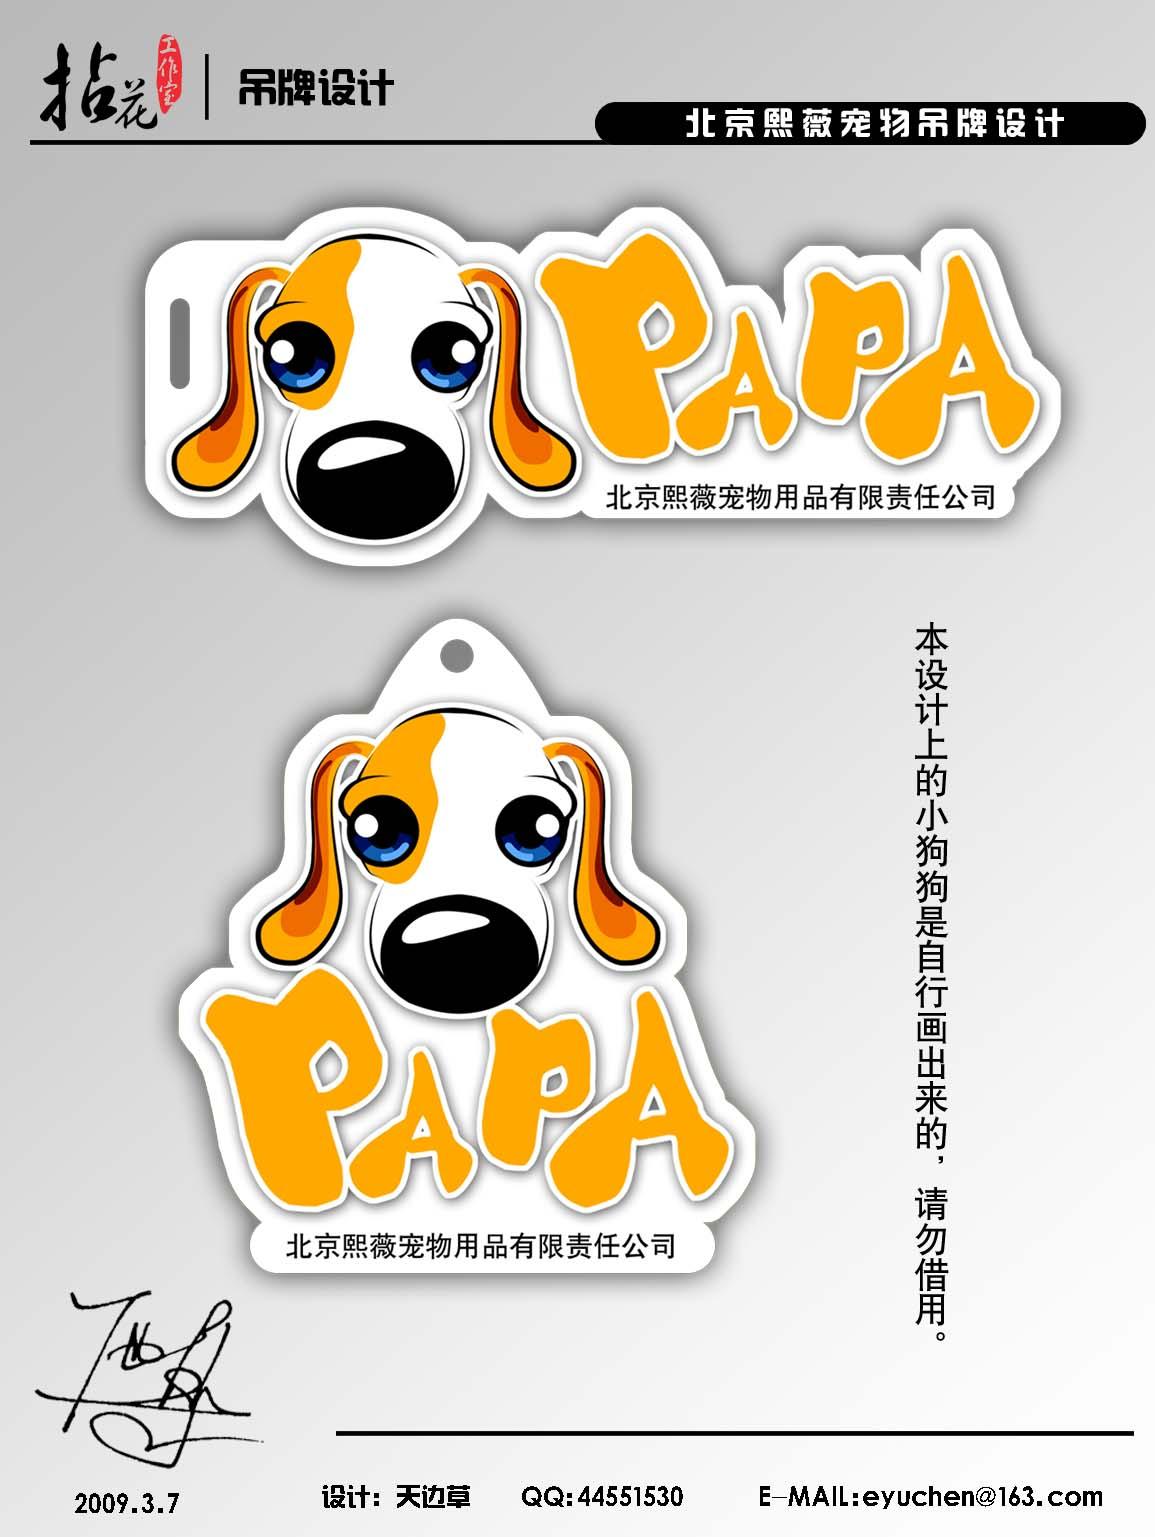 宠物用品商标吊牌设计